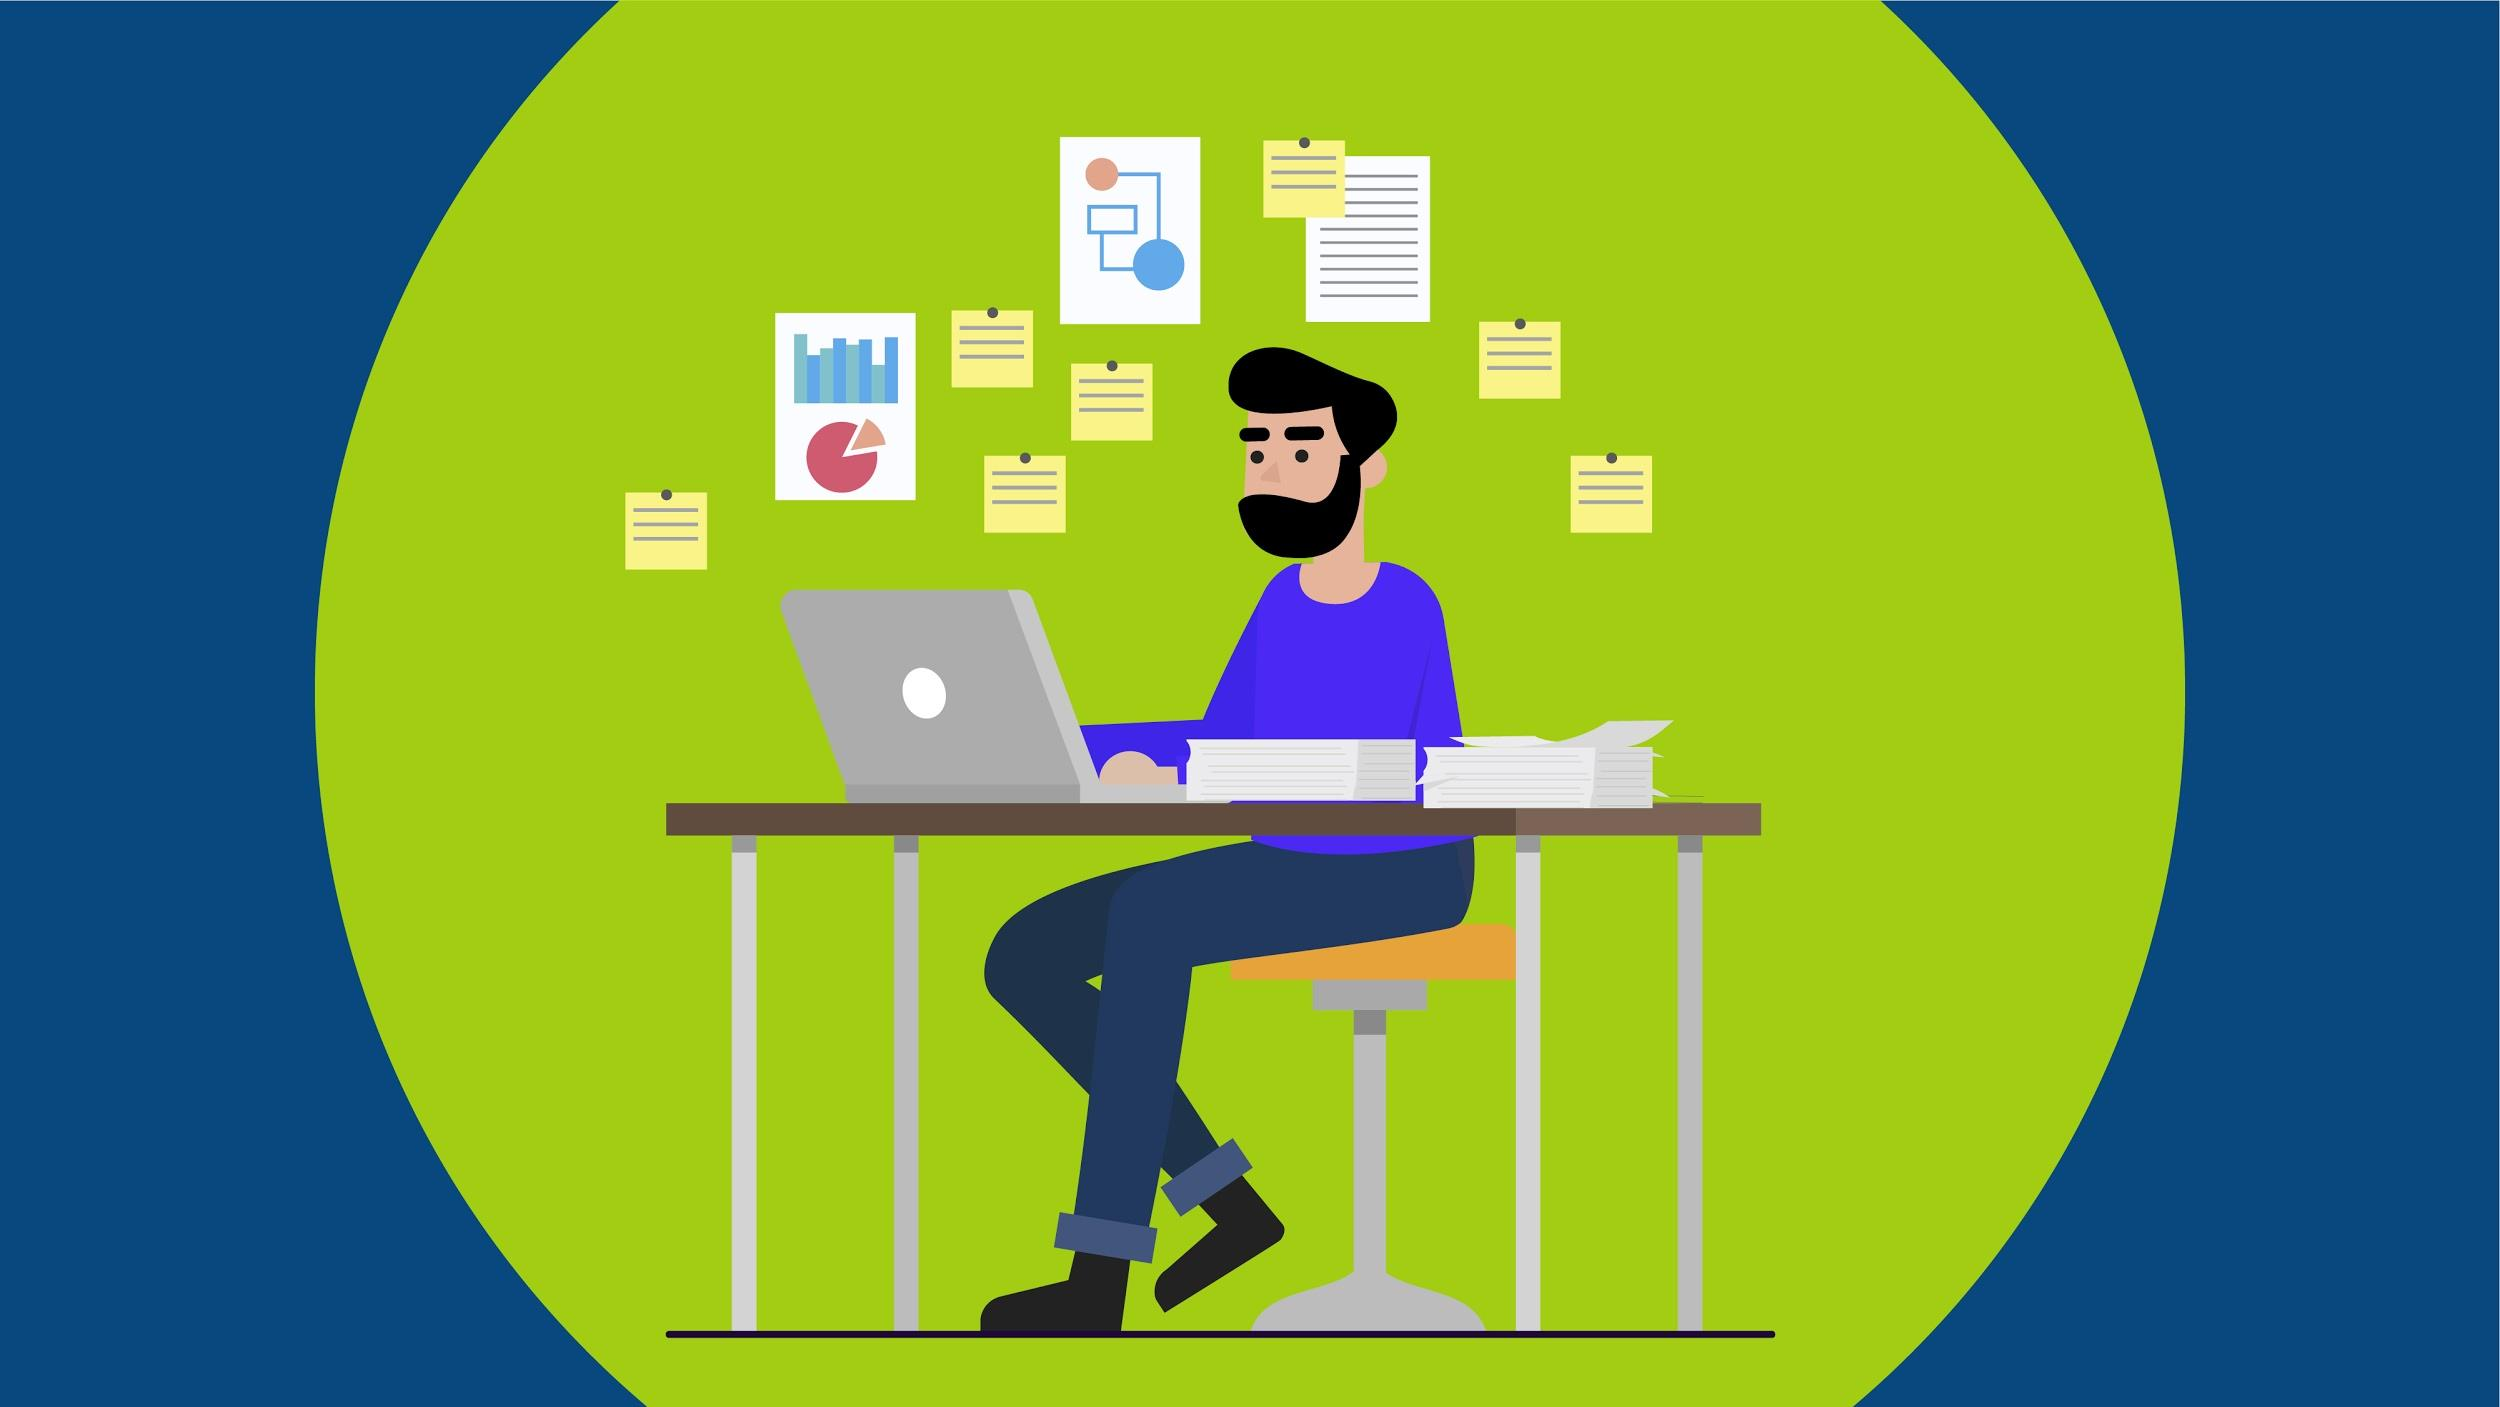 Управление знаниями: какие документы нужны и что в них фиксировать